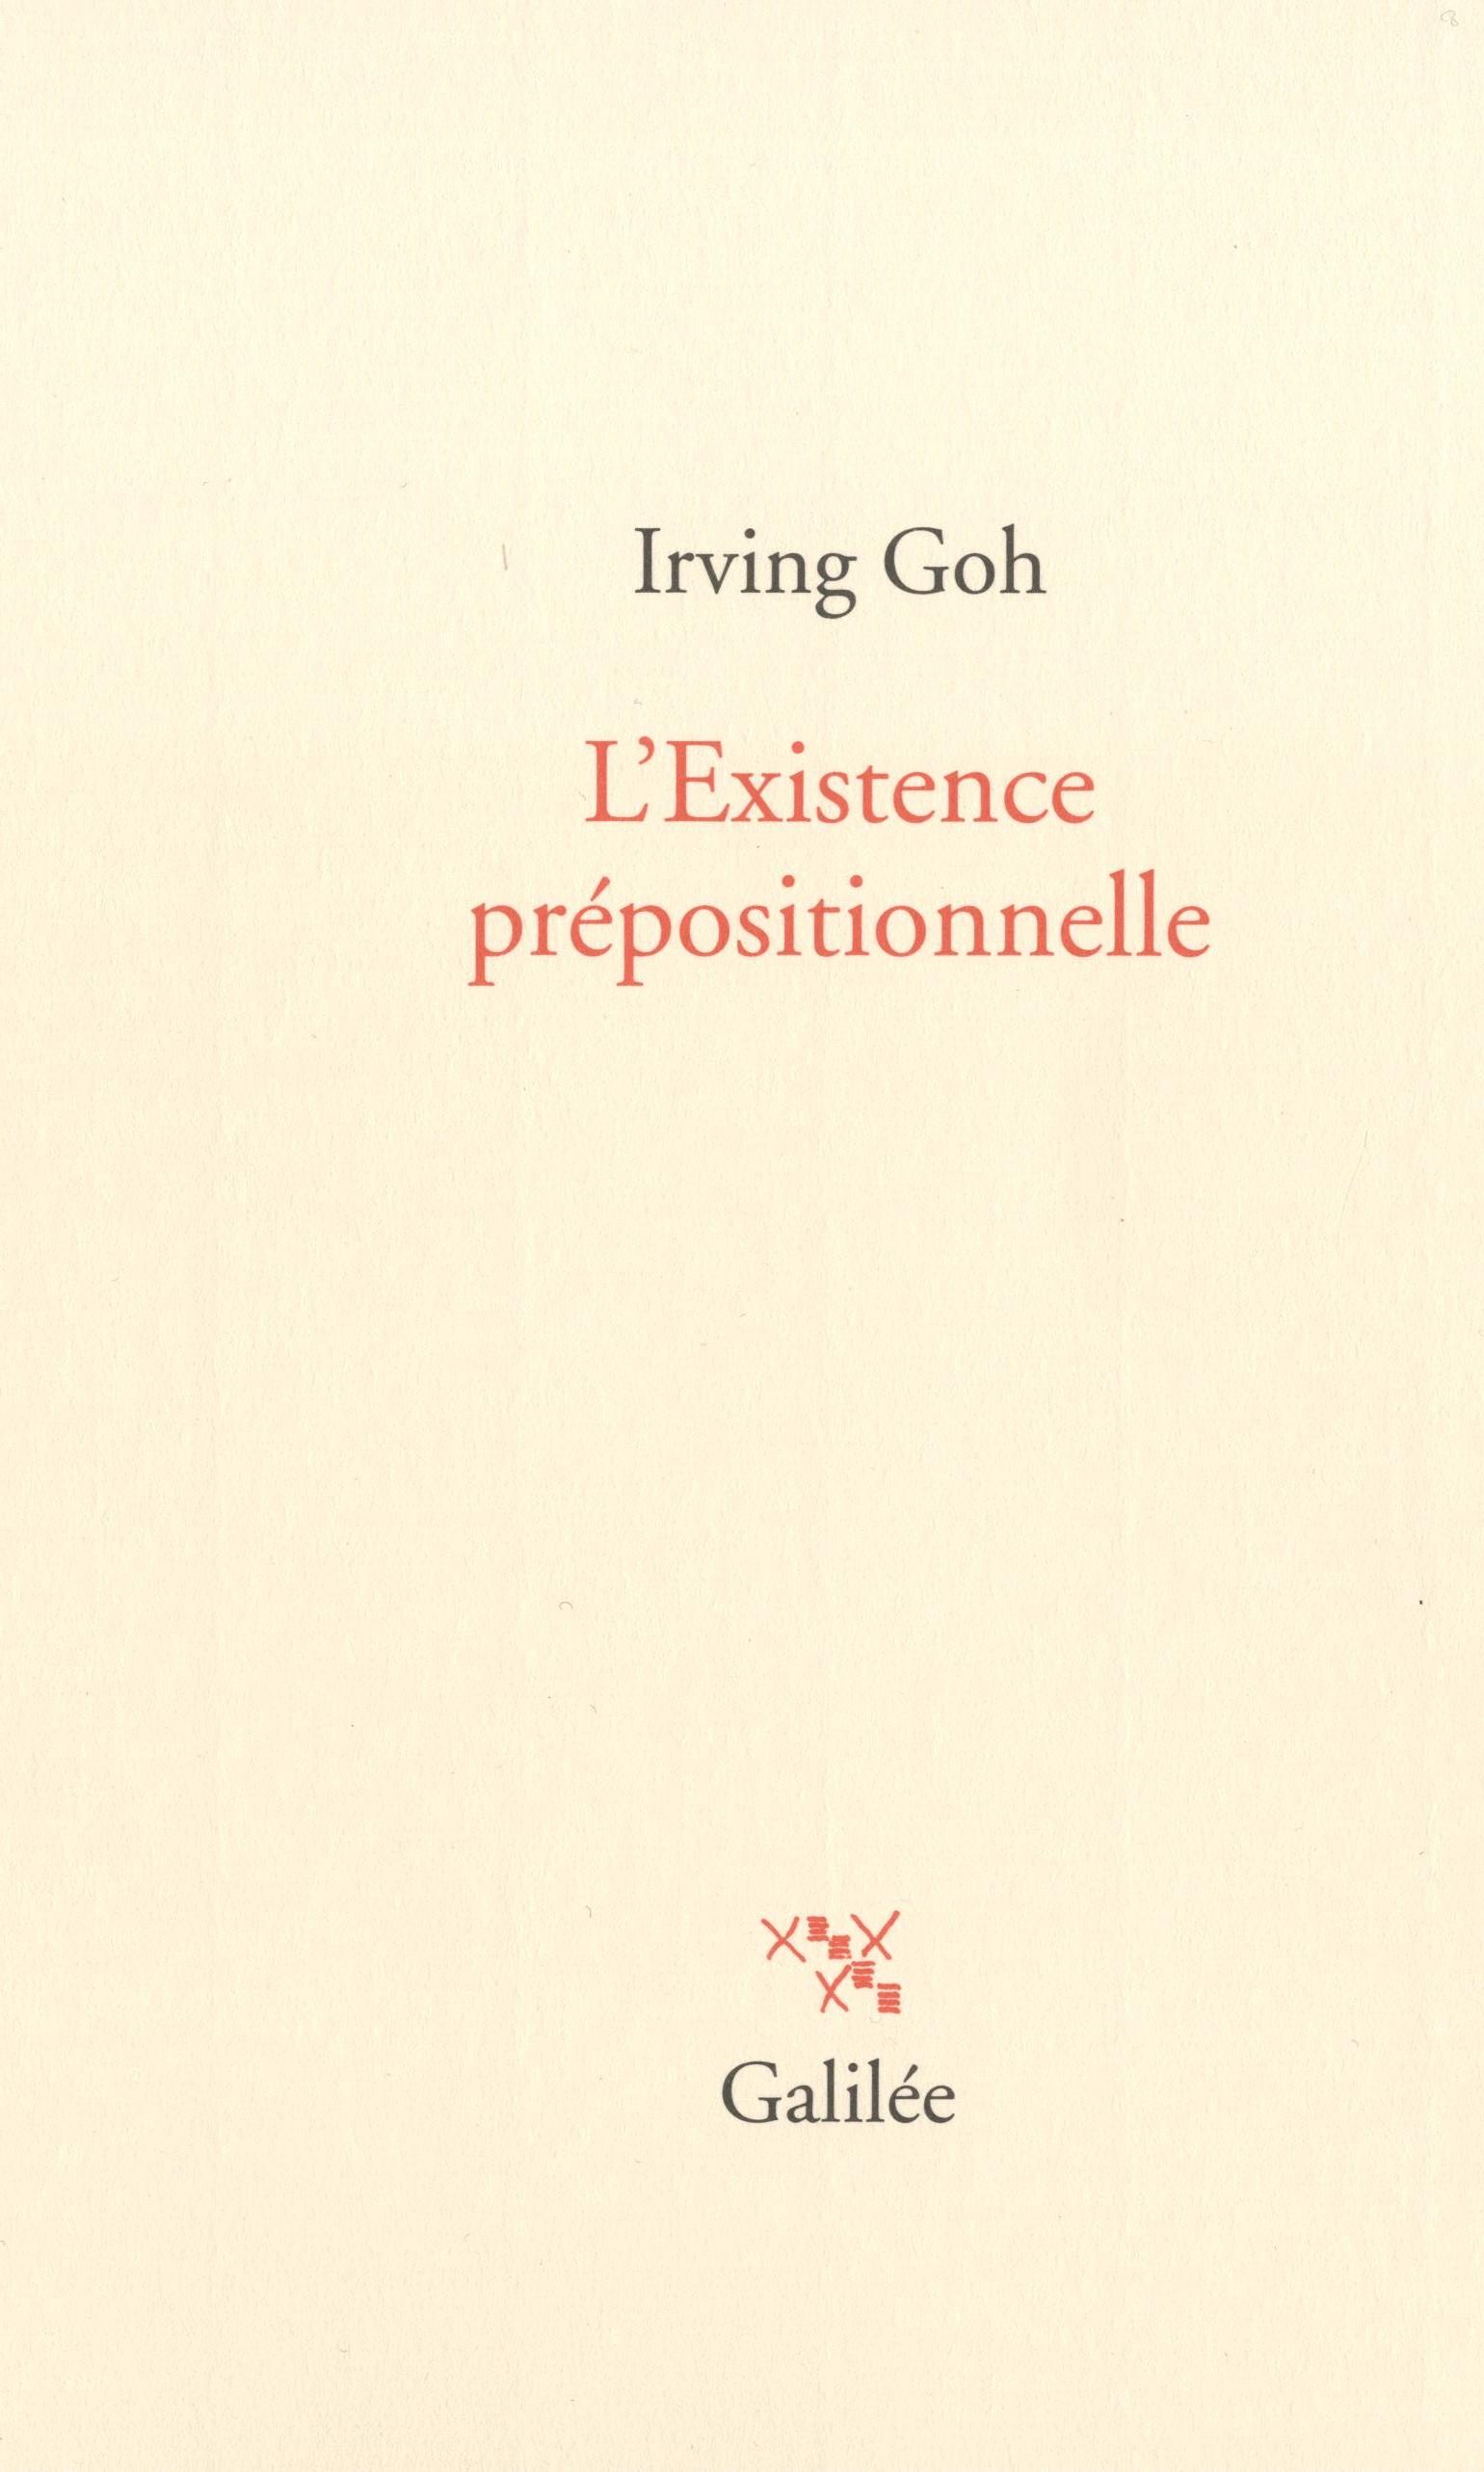 I. Goh, L'Existence prépositionnelle